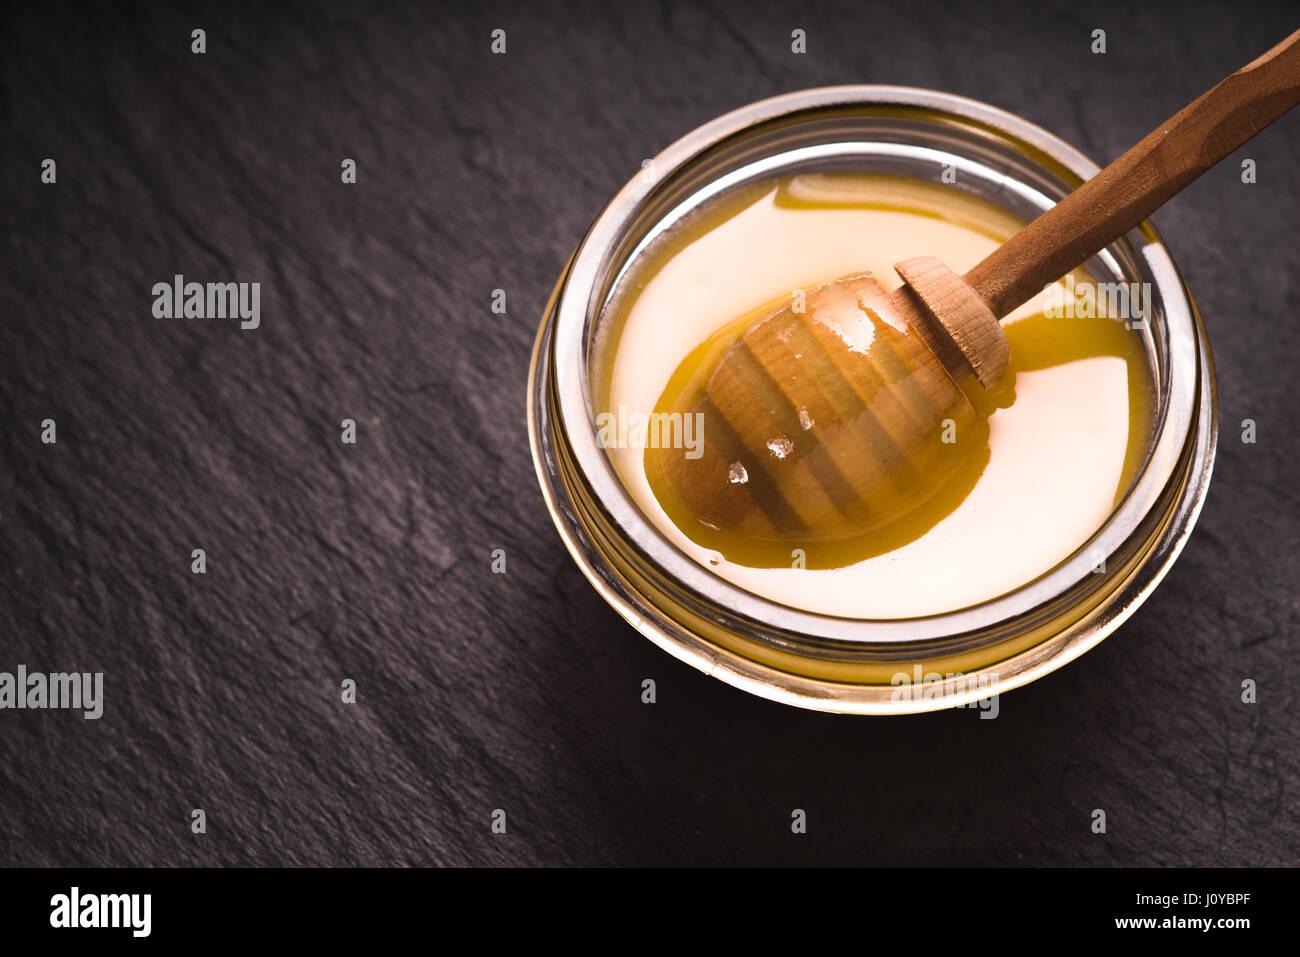 Löffel in eine Schüssel mit Honig auf einem dunklen Schiefer ...